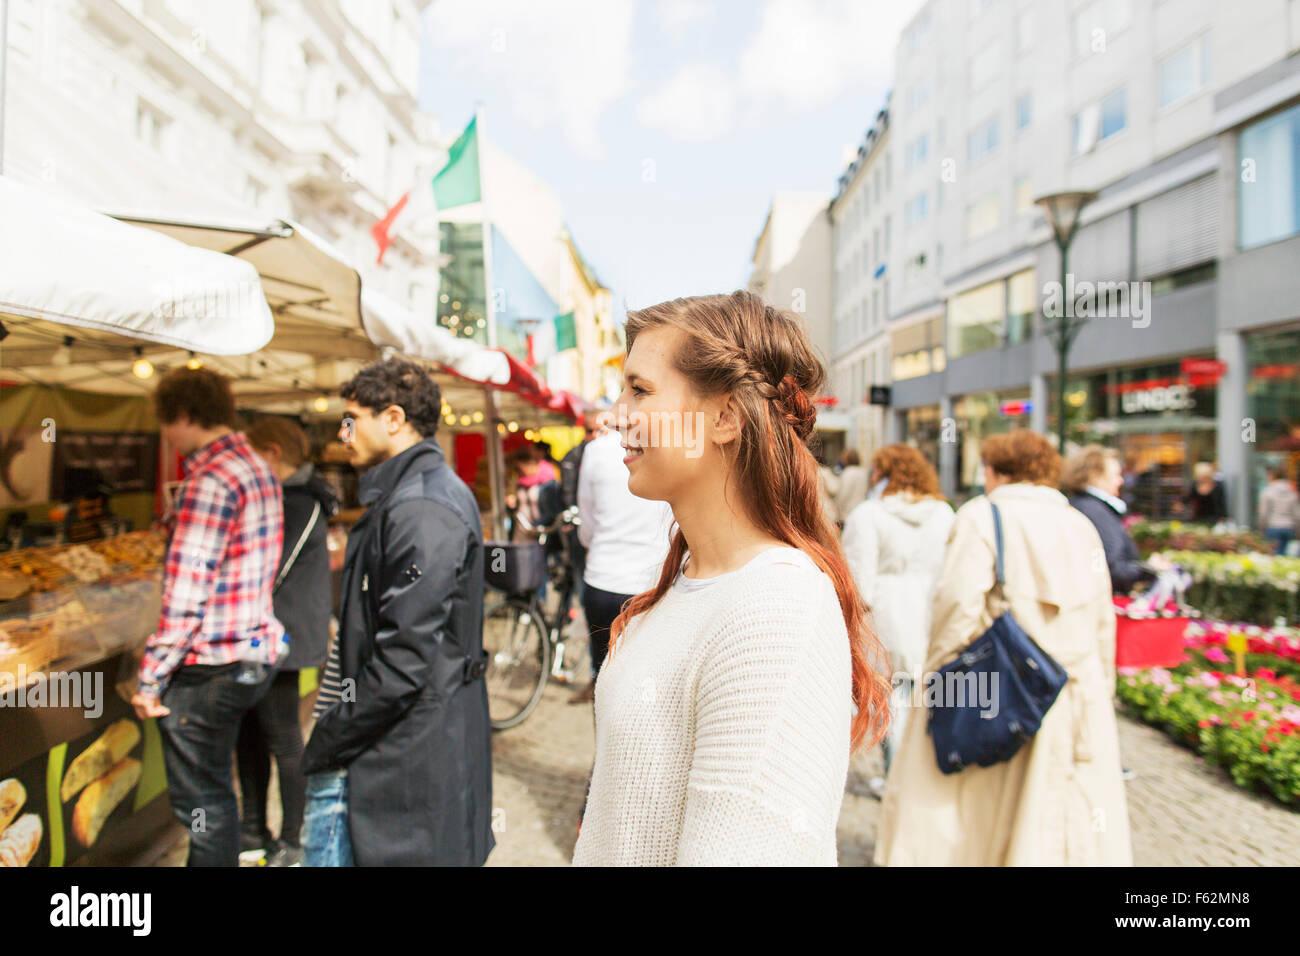 Glückliche Frau Markt in Stadt zu besuchen Stockbild